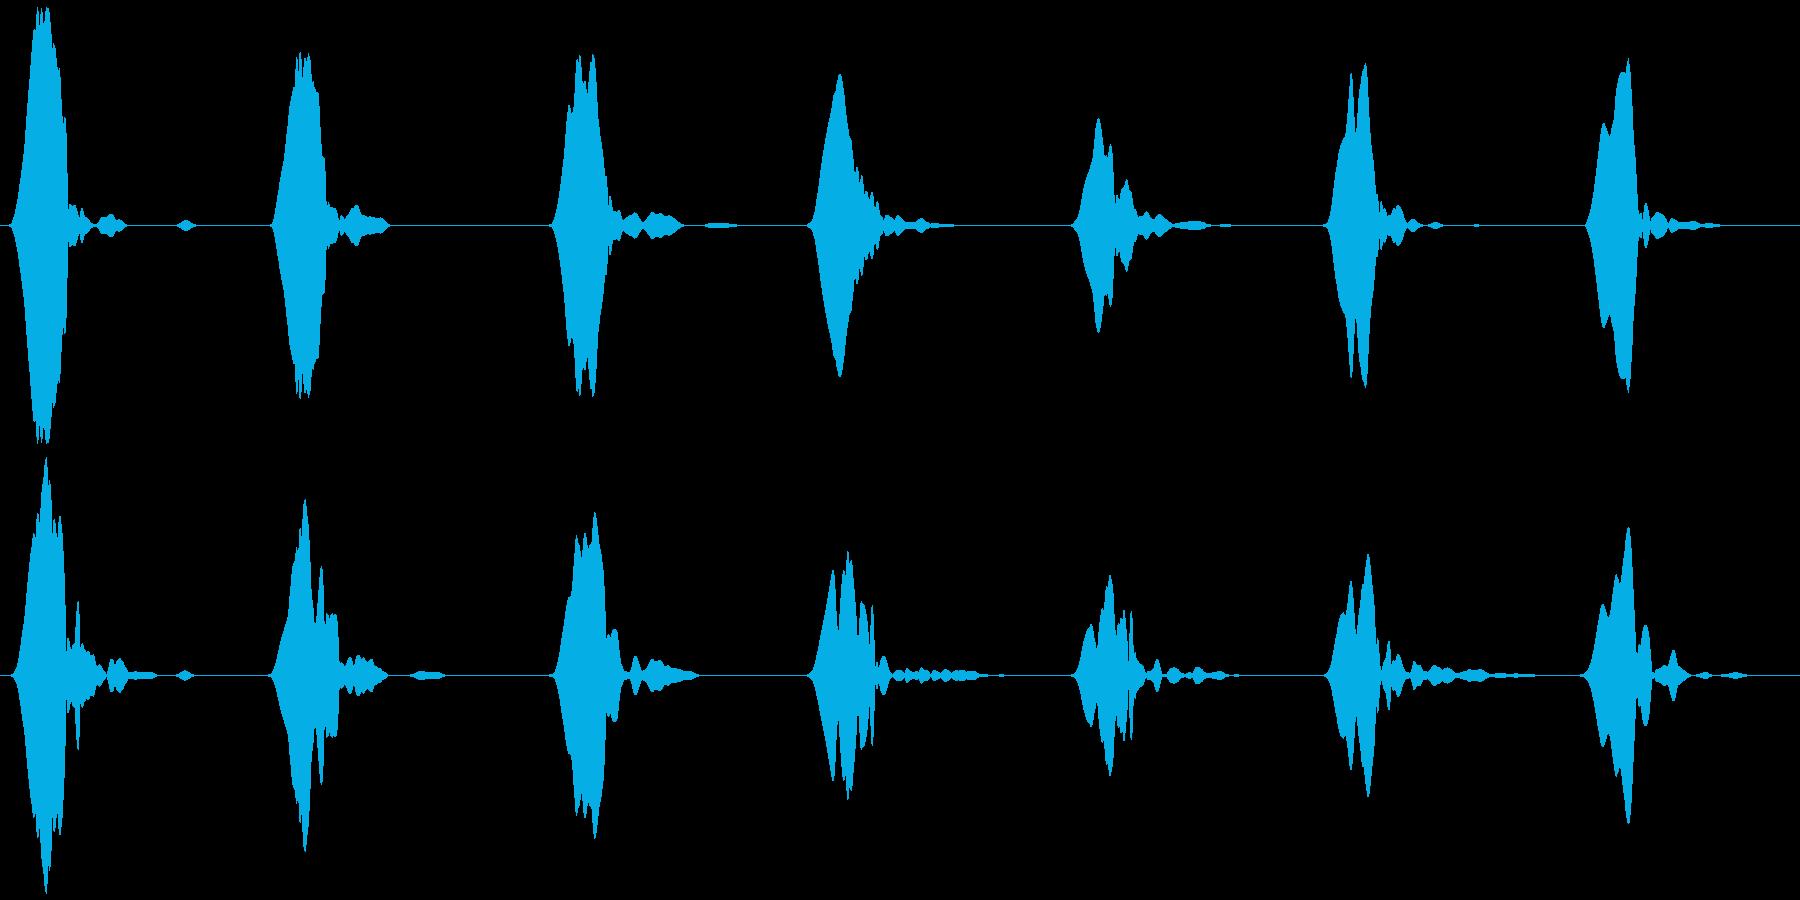 野鳥の、さえずりB  ヒッ×7の再生済みの波形